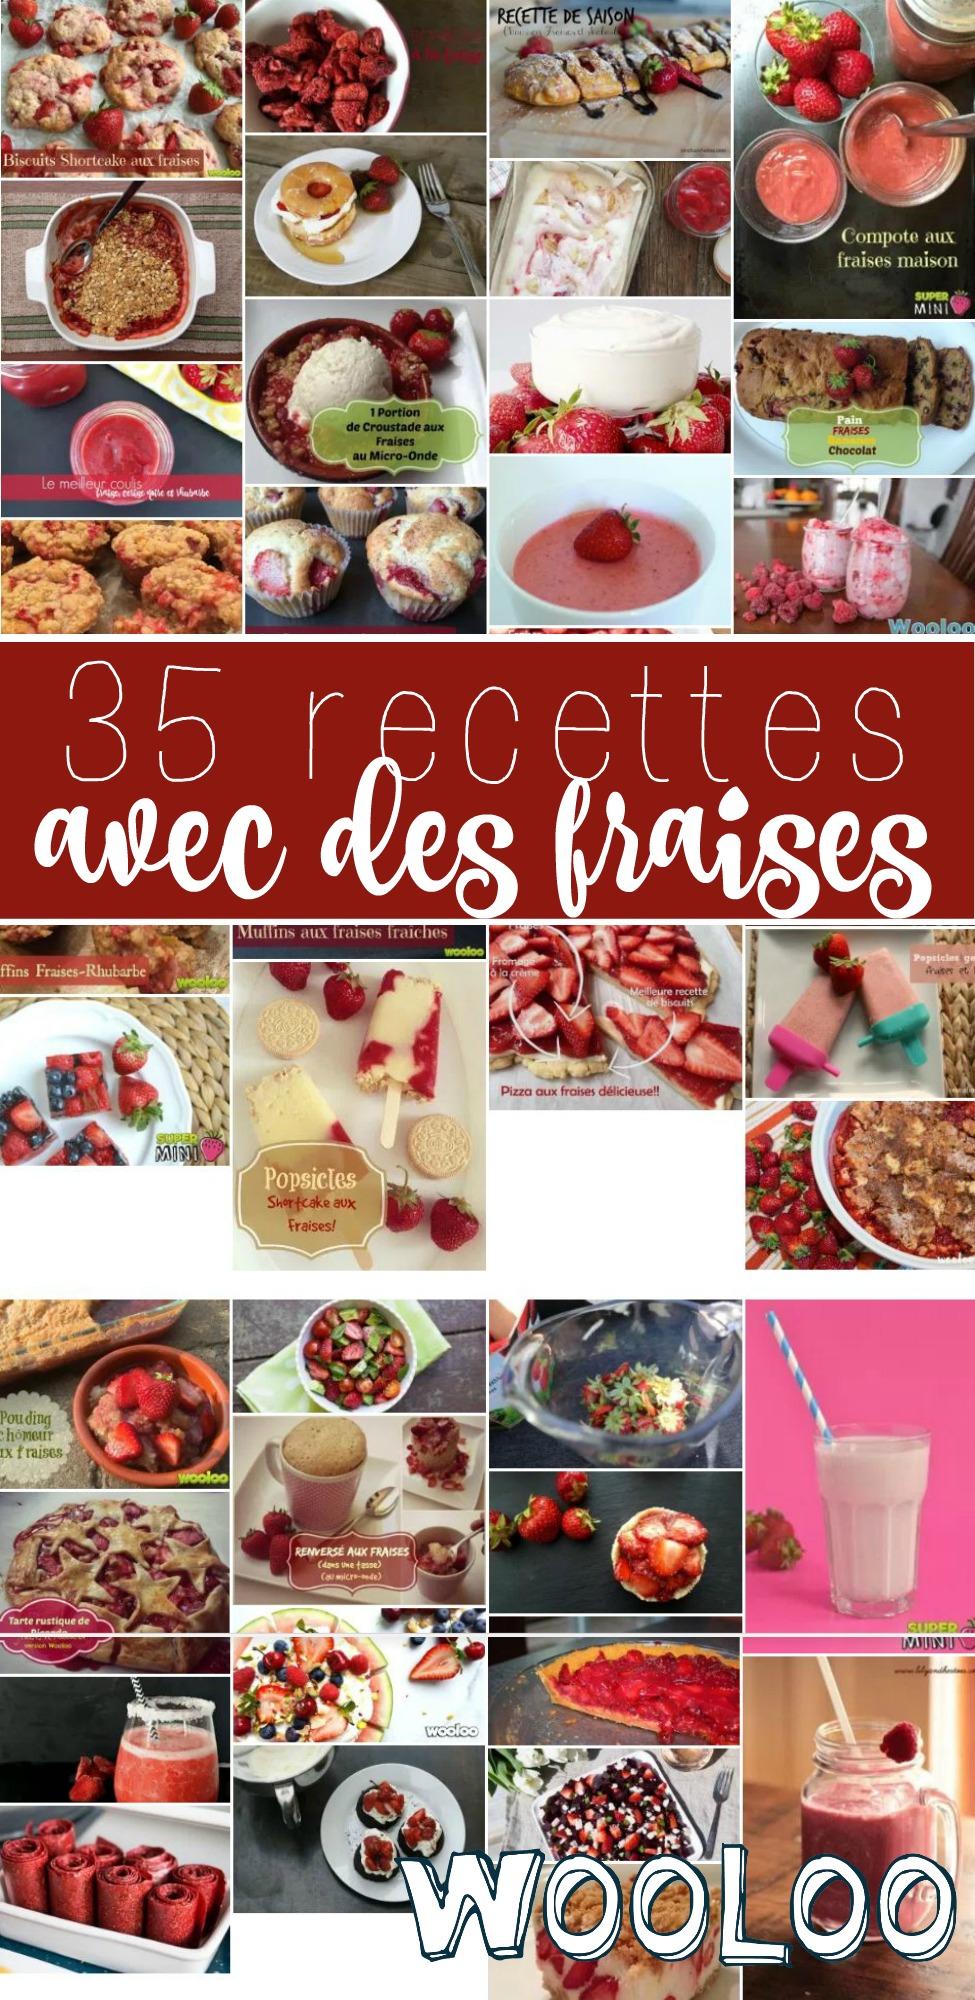 35 recettes avec des fraises wooloo